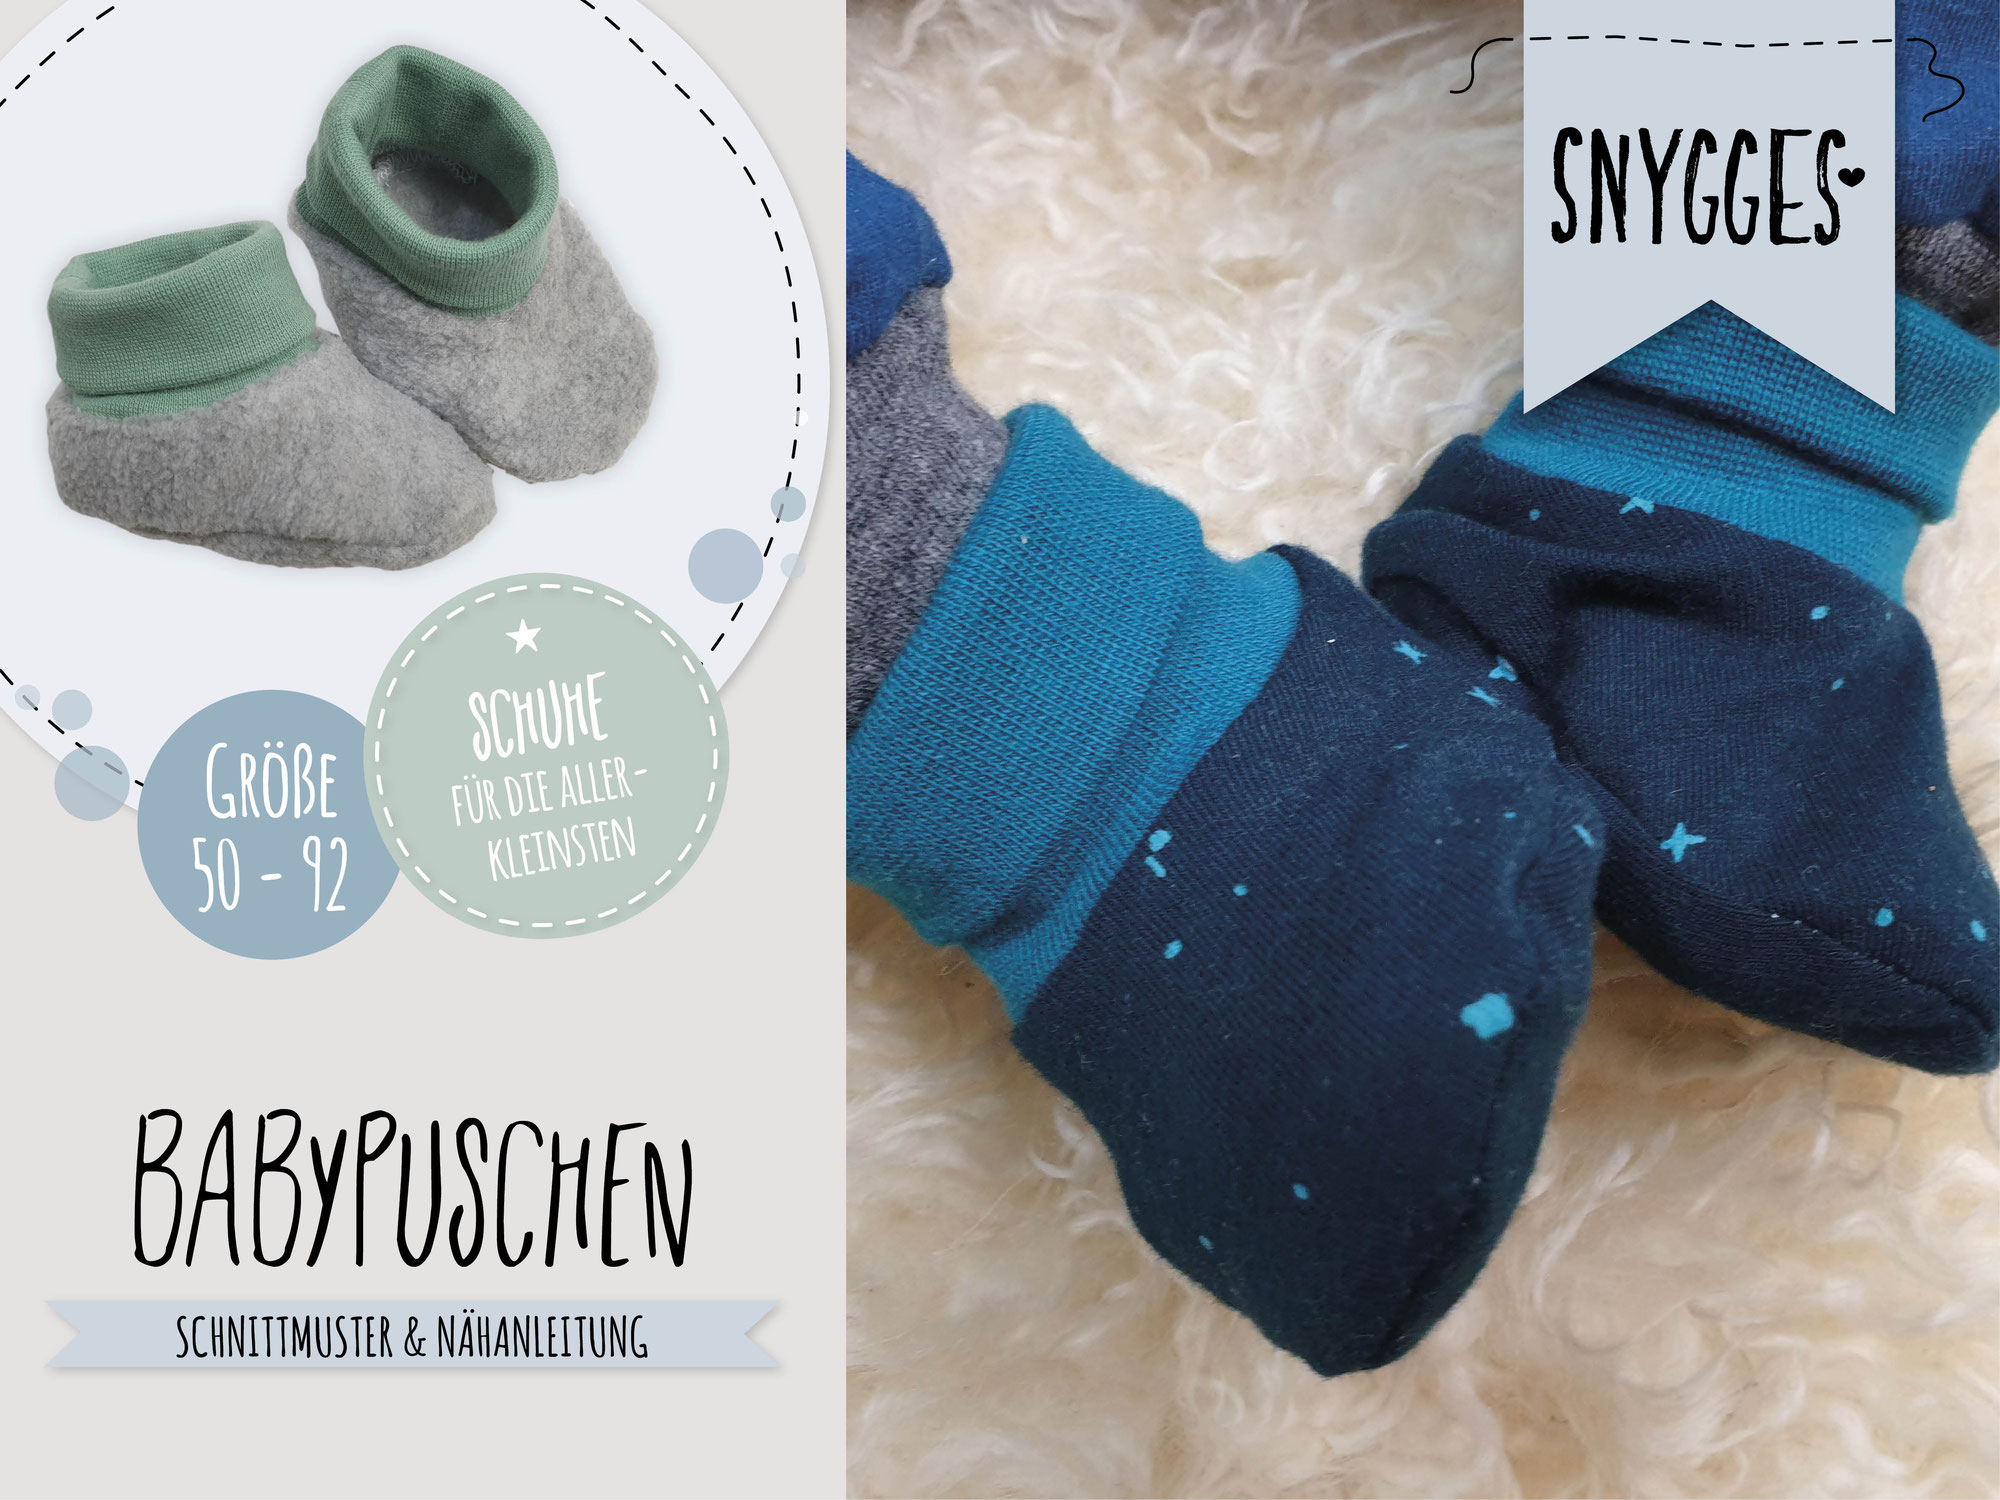 Babypuschen - Schuhe für die Kleinsten